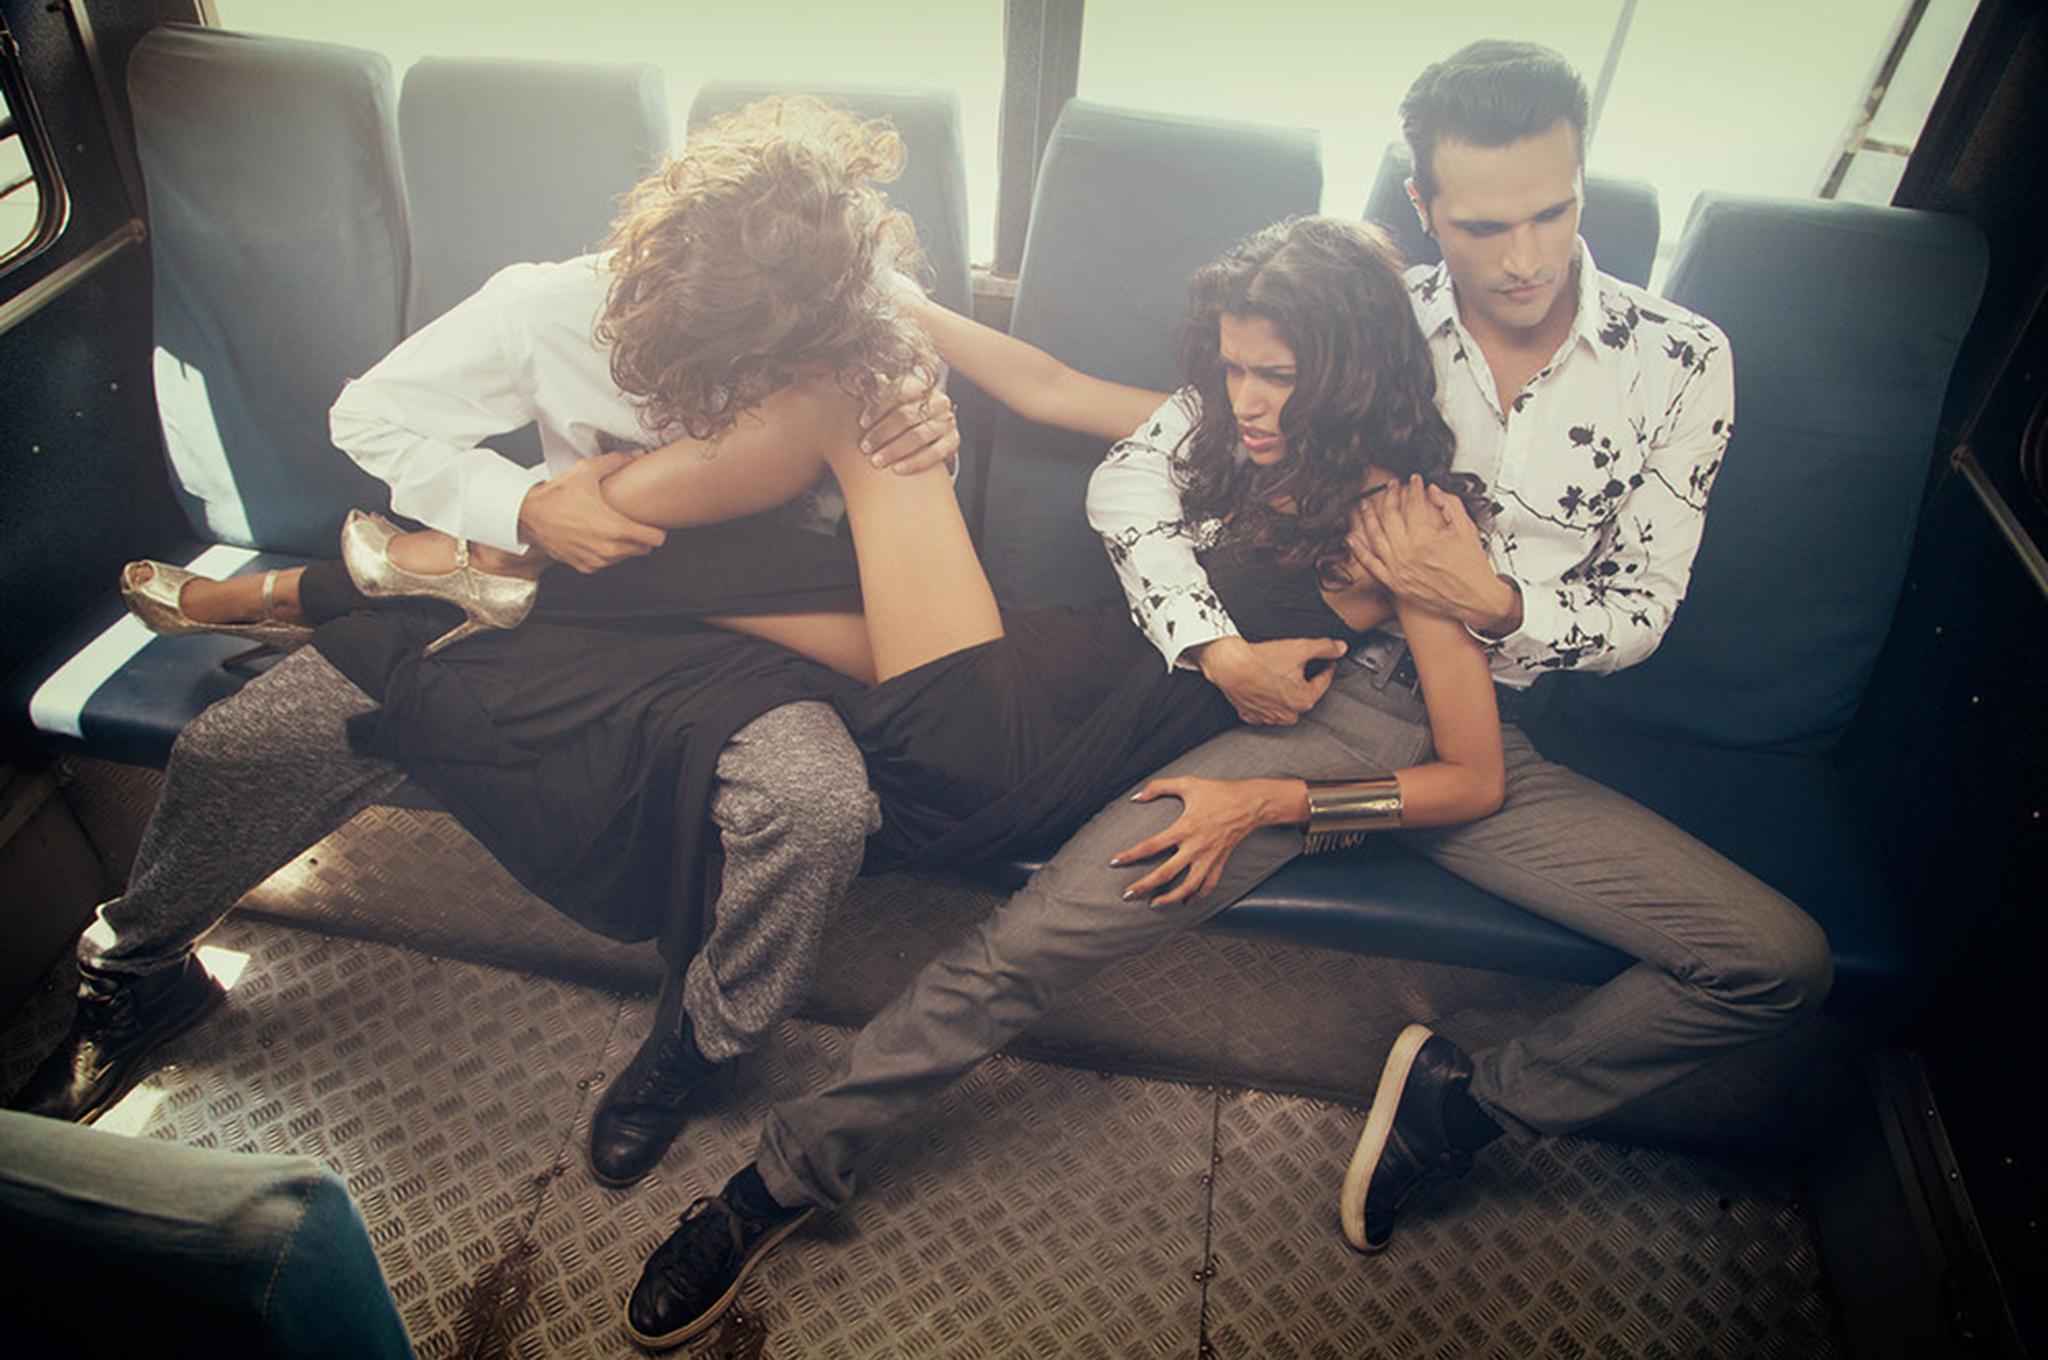 Смотреть бесплатно онлайн домогательства в транспорте 9 фотография